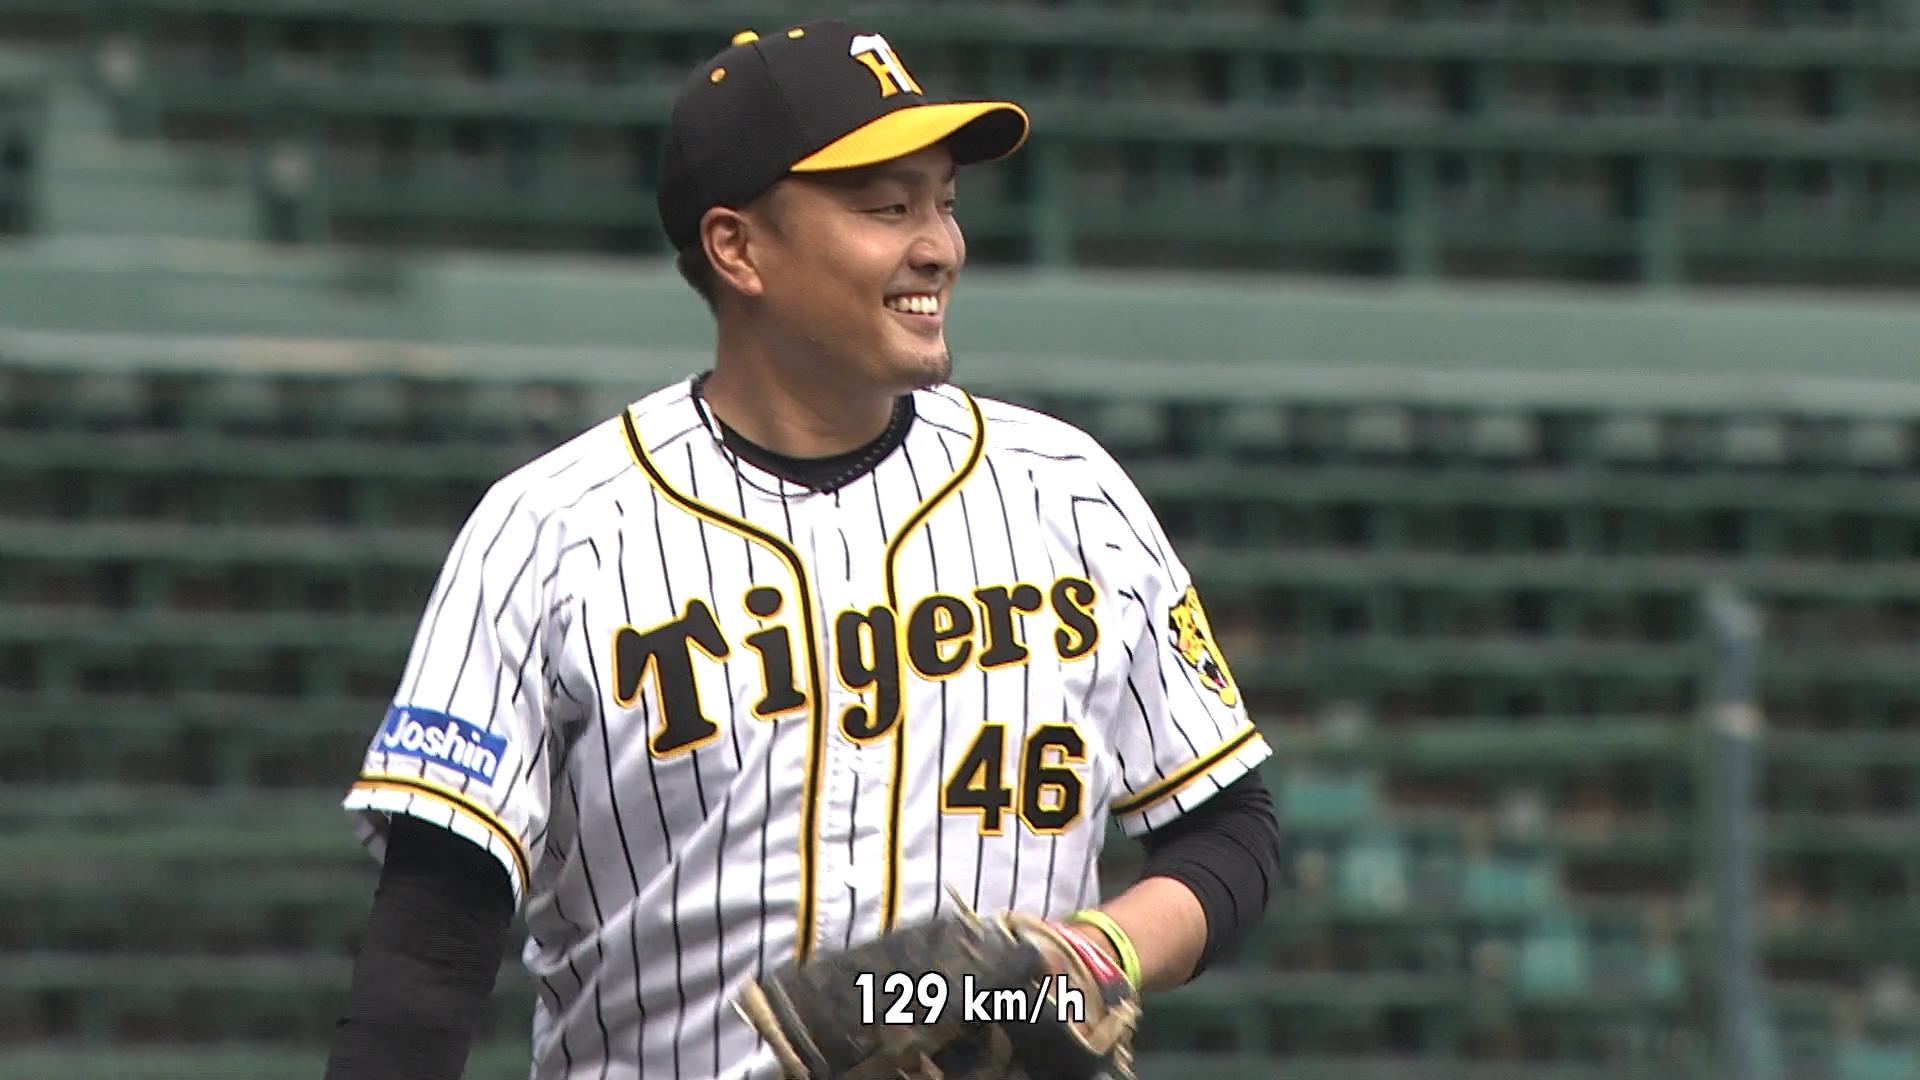 【5回表】秋山 今度はカットボール!! 絶妙なコントロールで5回まで巨人打線を0封!! 2021/06/20 T-G